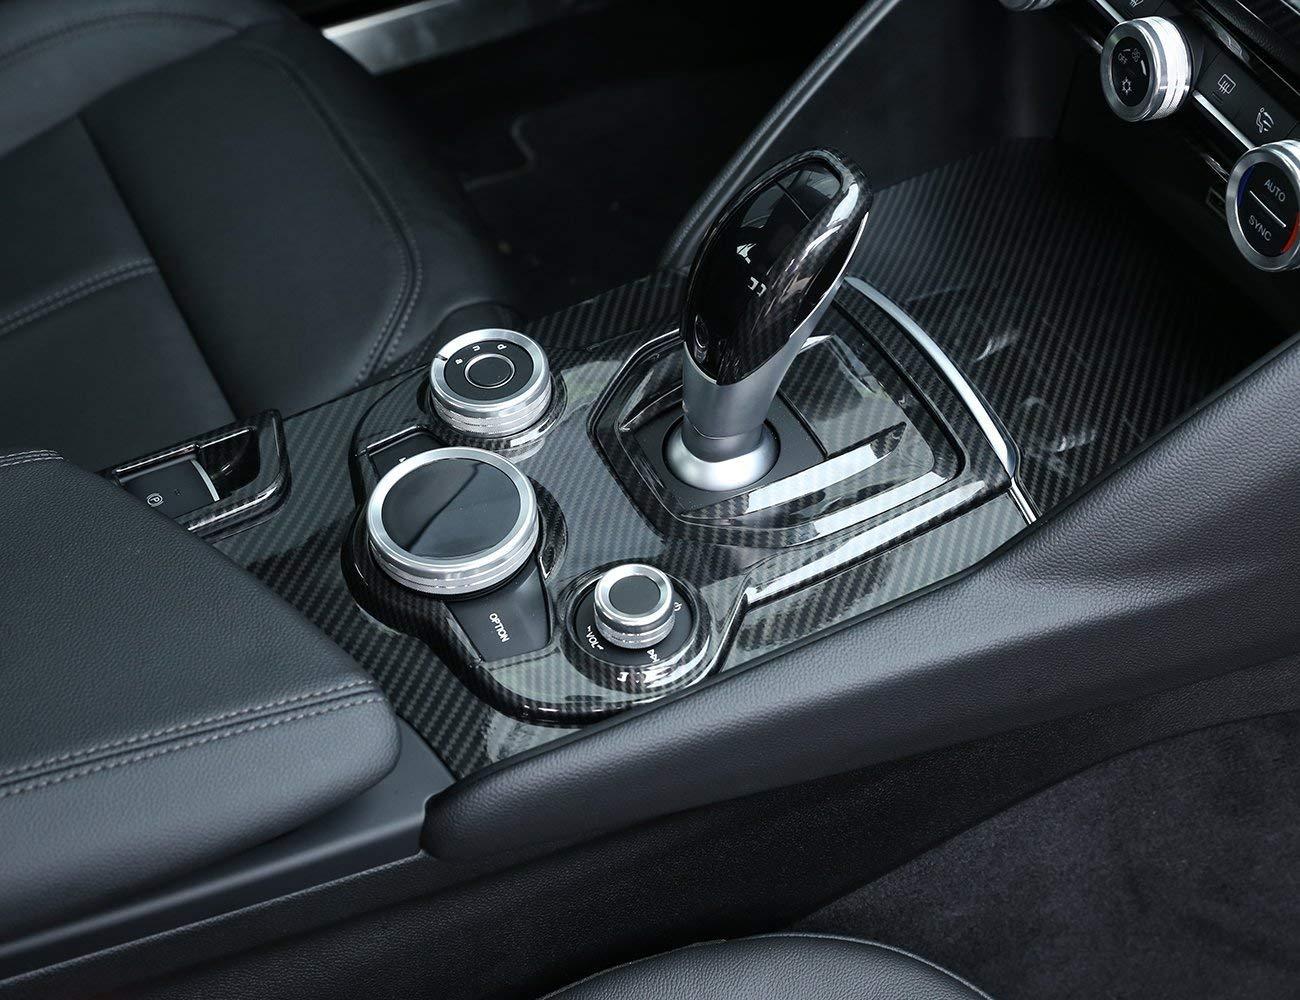 Carbon Fiber Style ABS Chrome Center Console Decoration Frame Trim Cover for Alfa Romeo Giulia Stelvio 2016-2018 Autobro